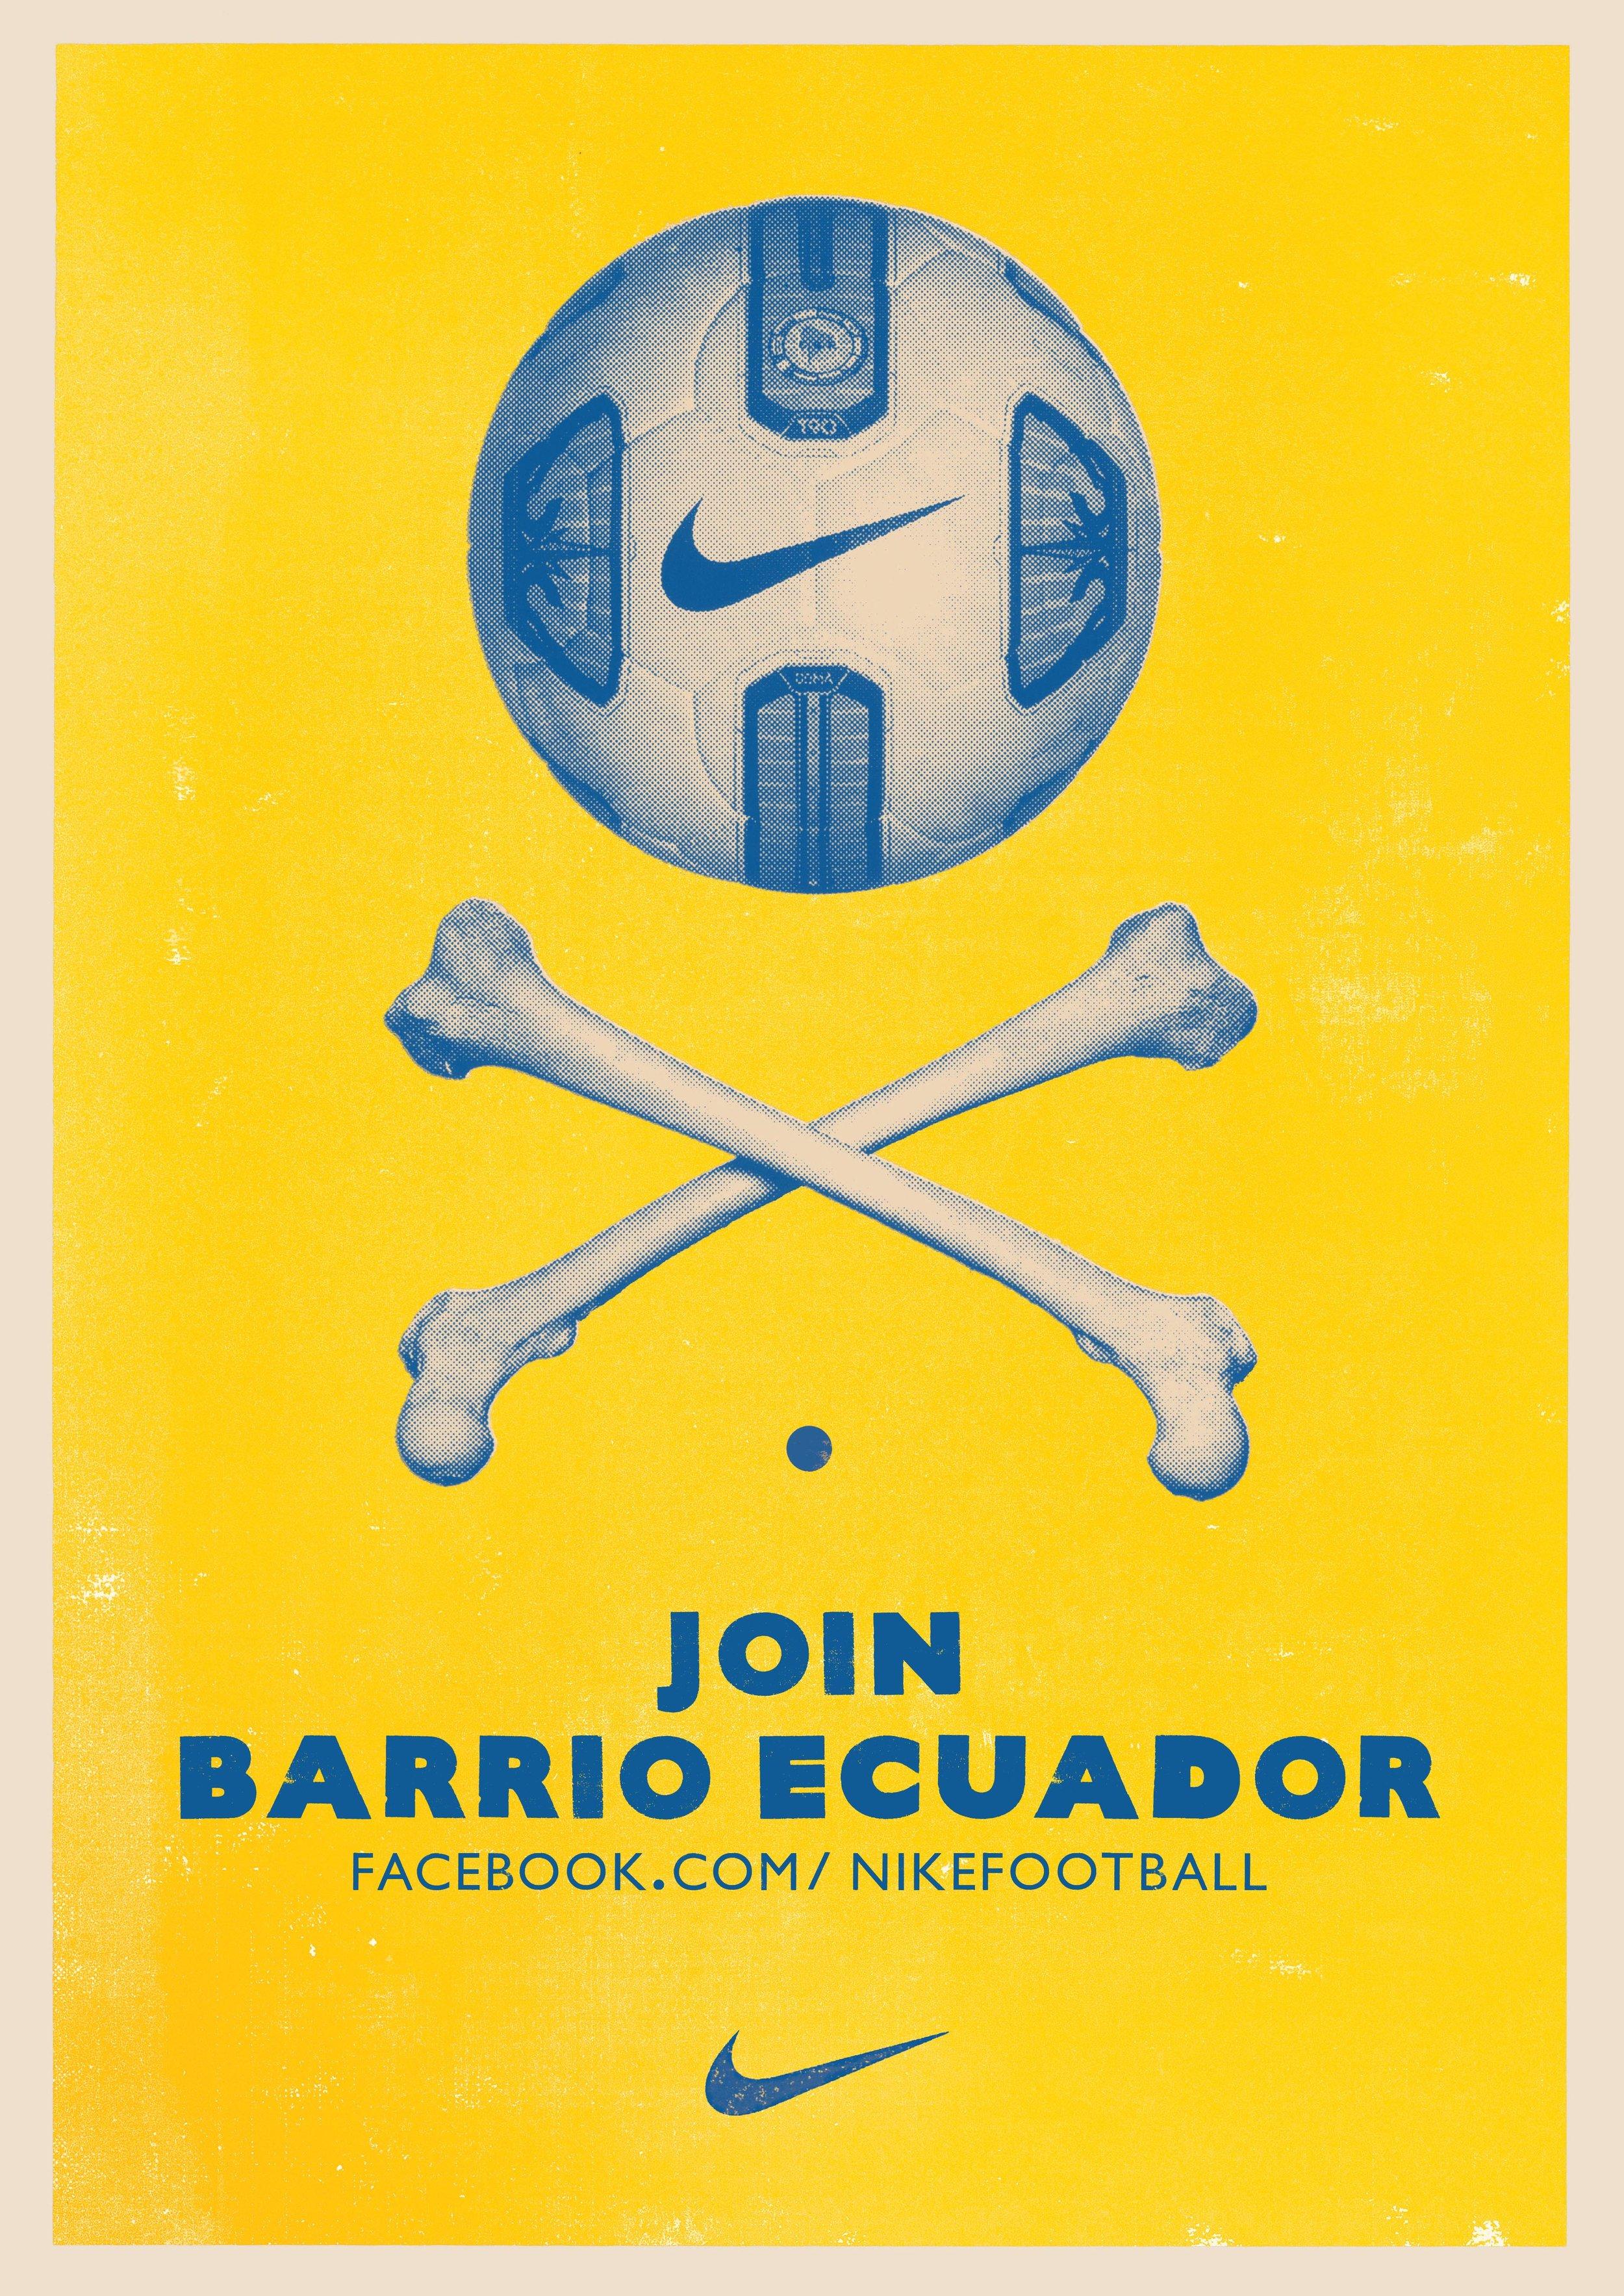 Copa_Join_Barrio_A3_Ecuador.jpg